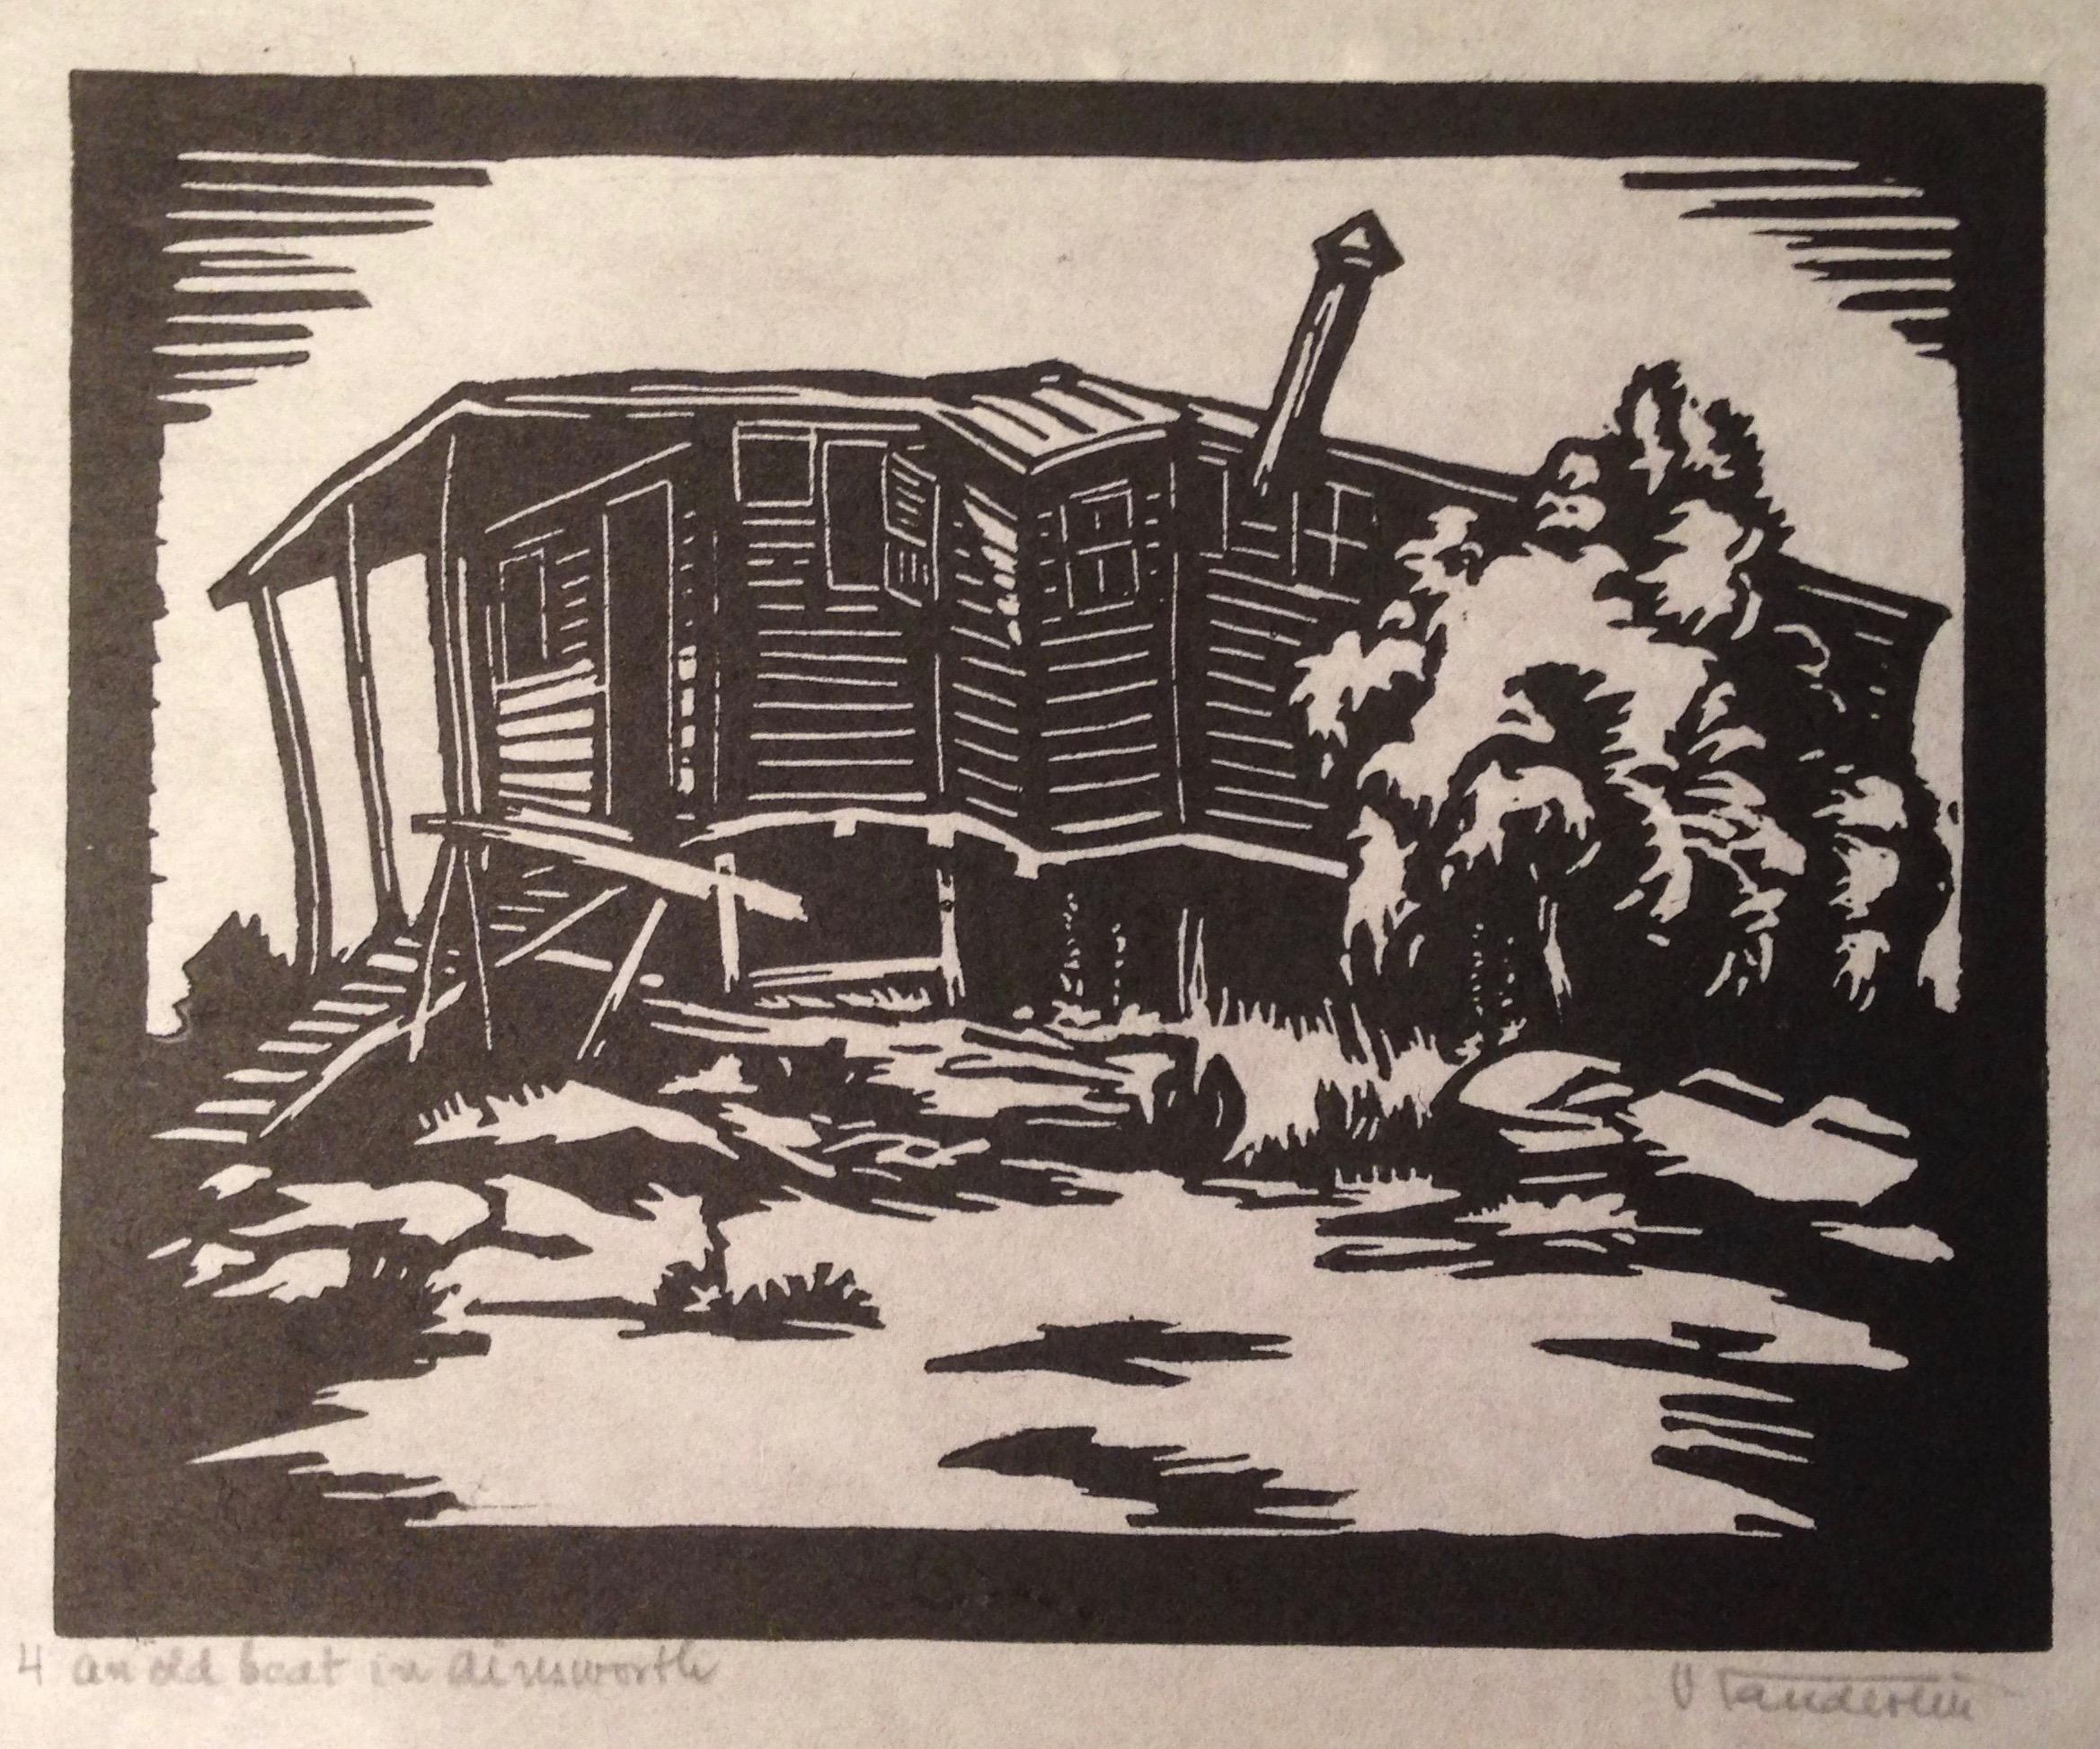 Velen Fanderlik, It Used to Be A Boat